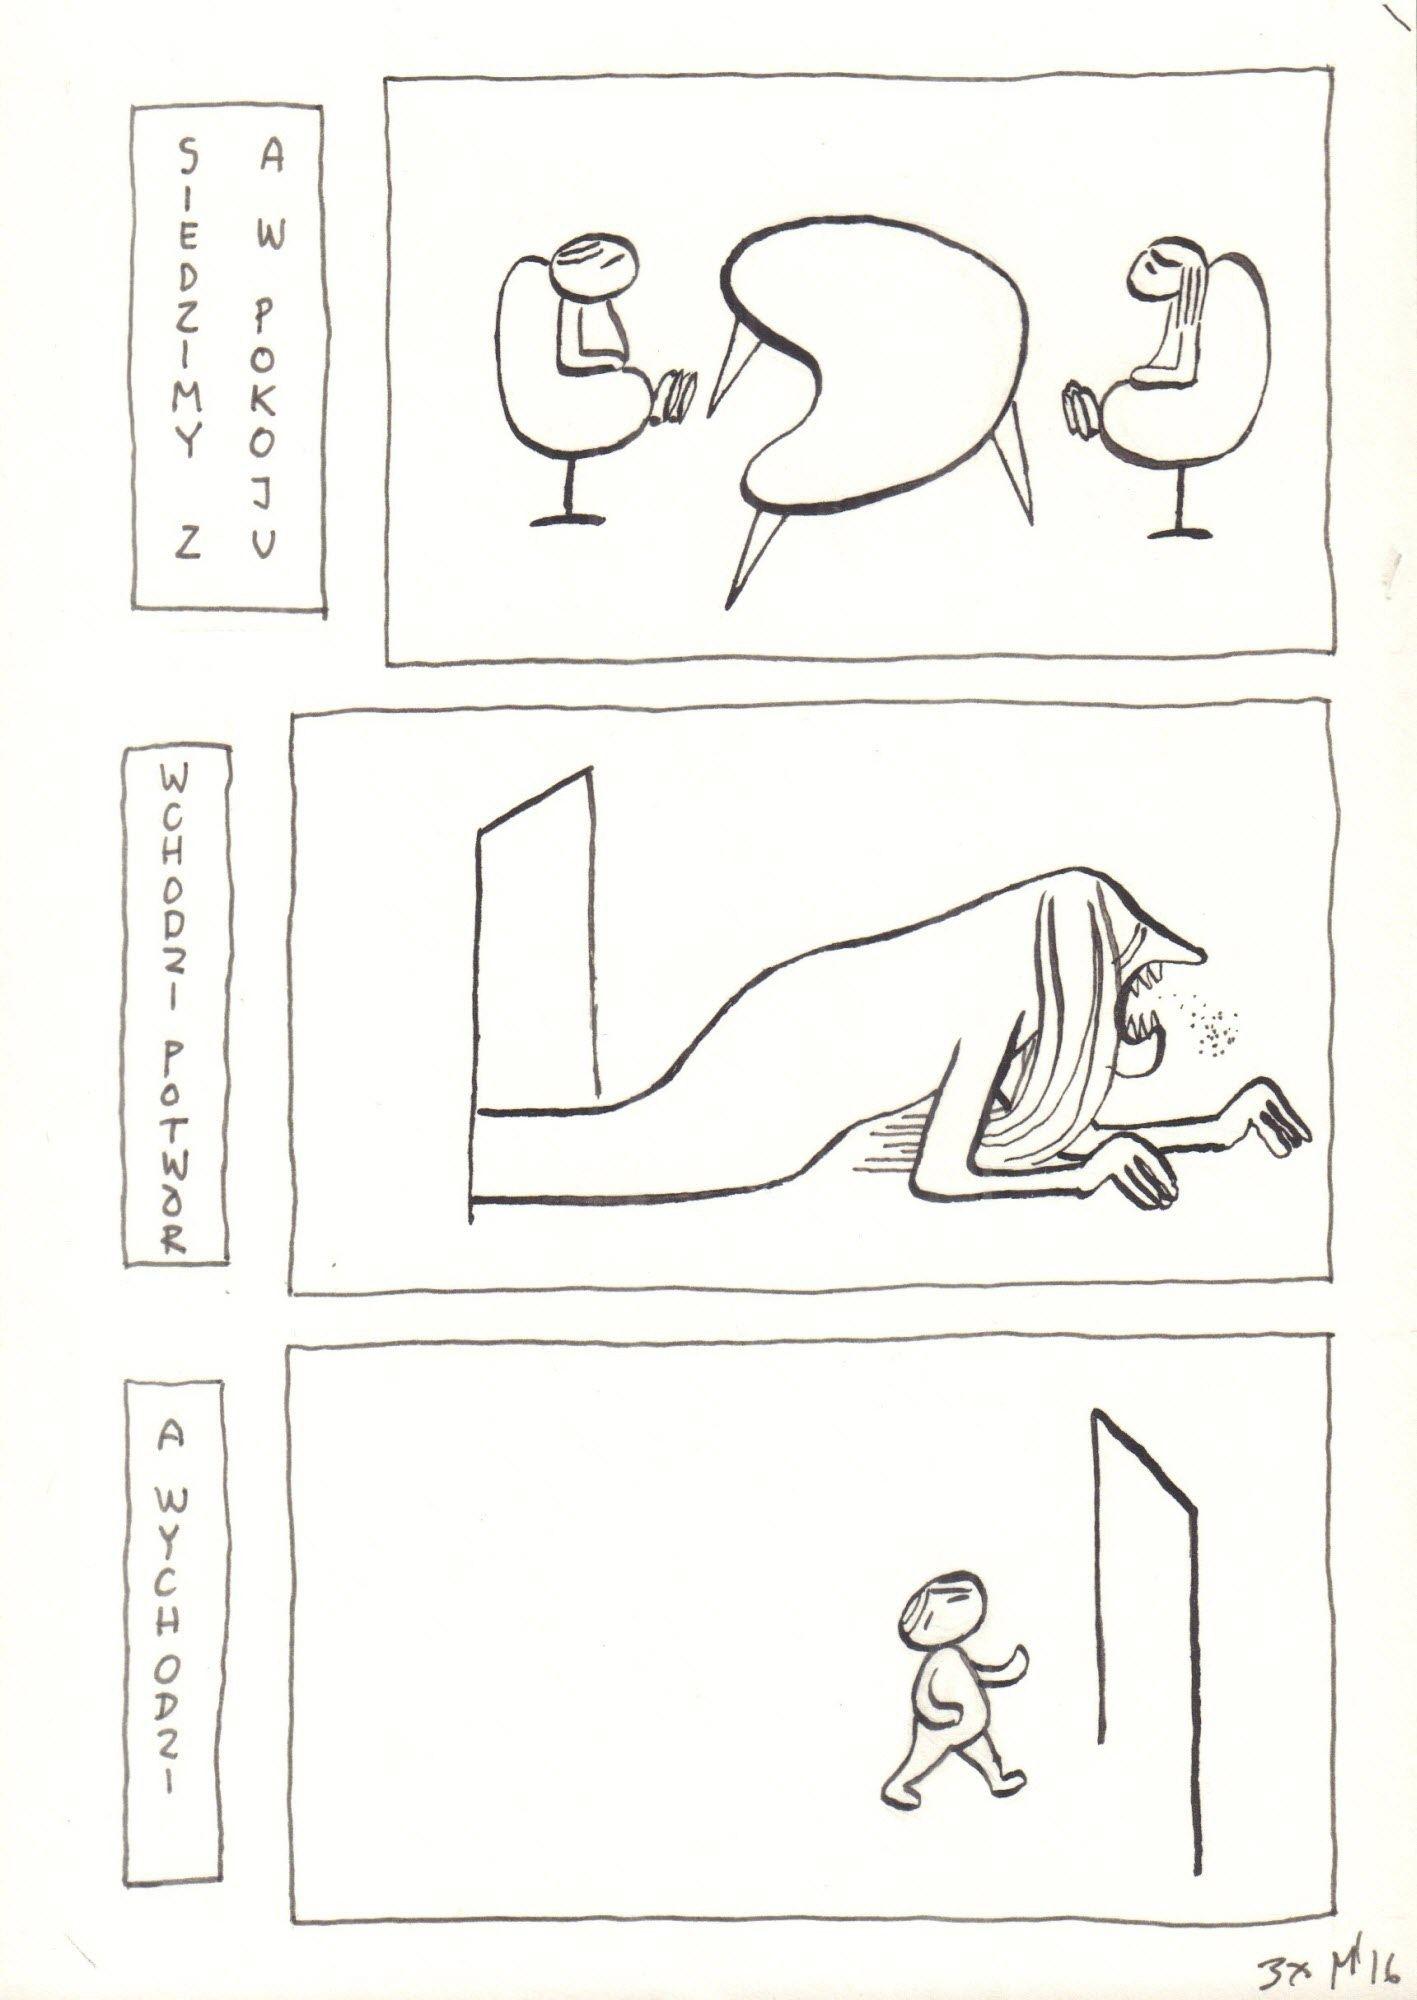 Maszinga: Zwodnicze nowe obrazy, s. 66